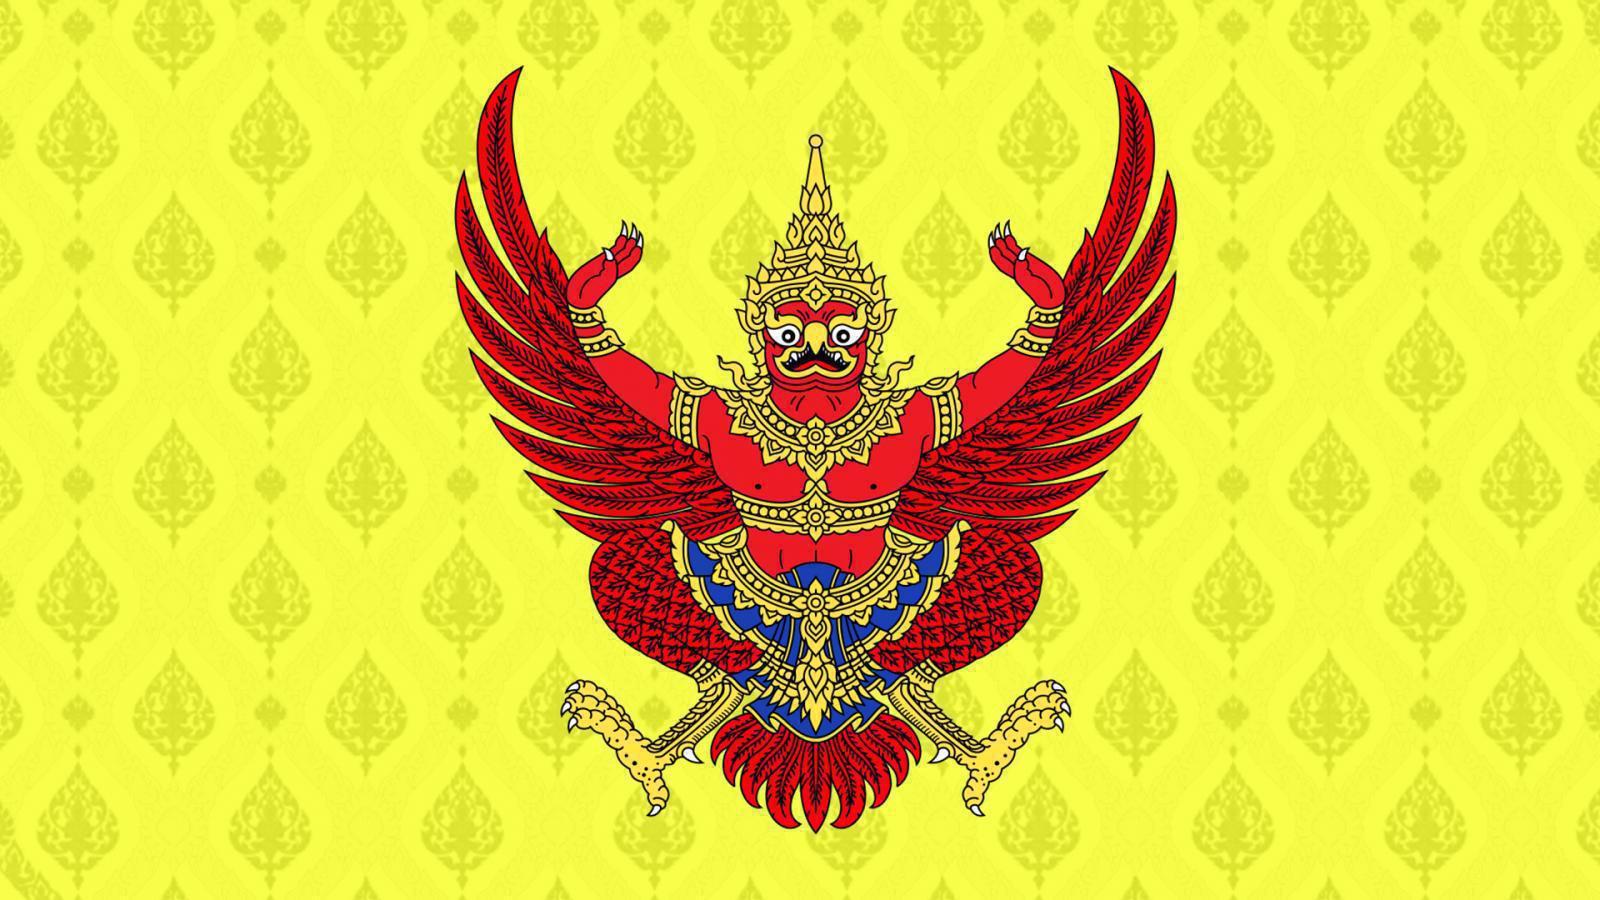 ราชกิจจาฯเผยแพร่ประกาศ ห้ามชุมนุม มั่วสุม ทั่วราชอาณาจักร